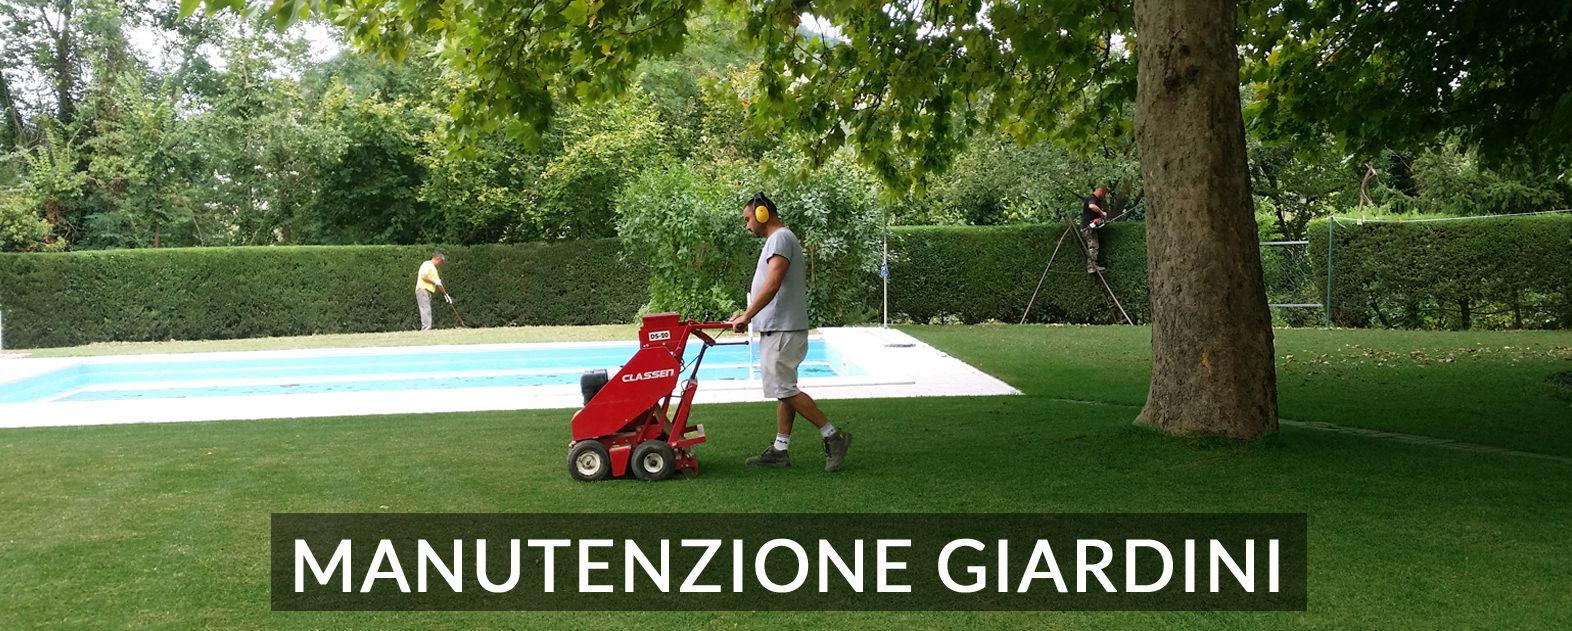 Manutenzione_giardini_Bologna_mini